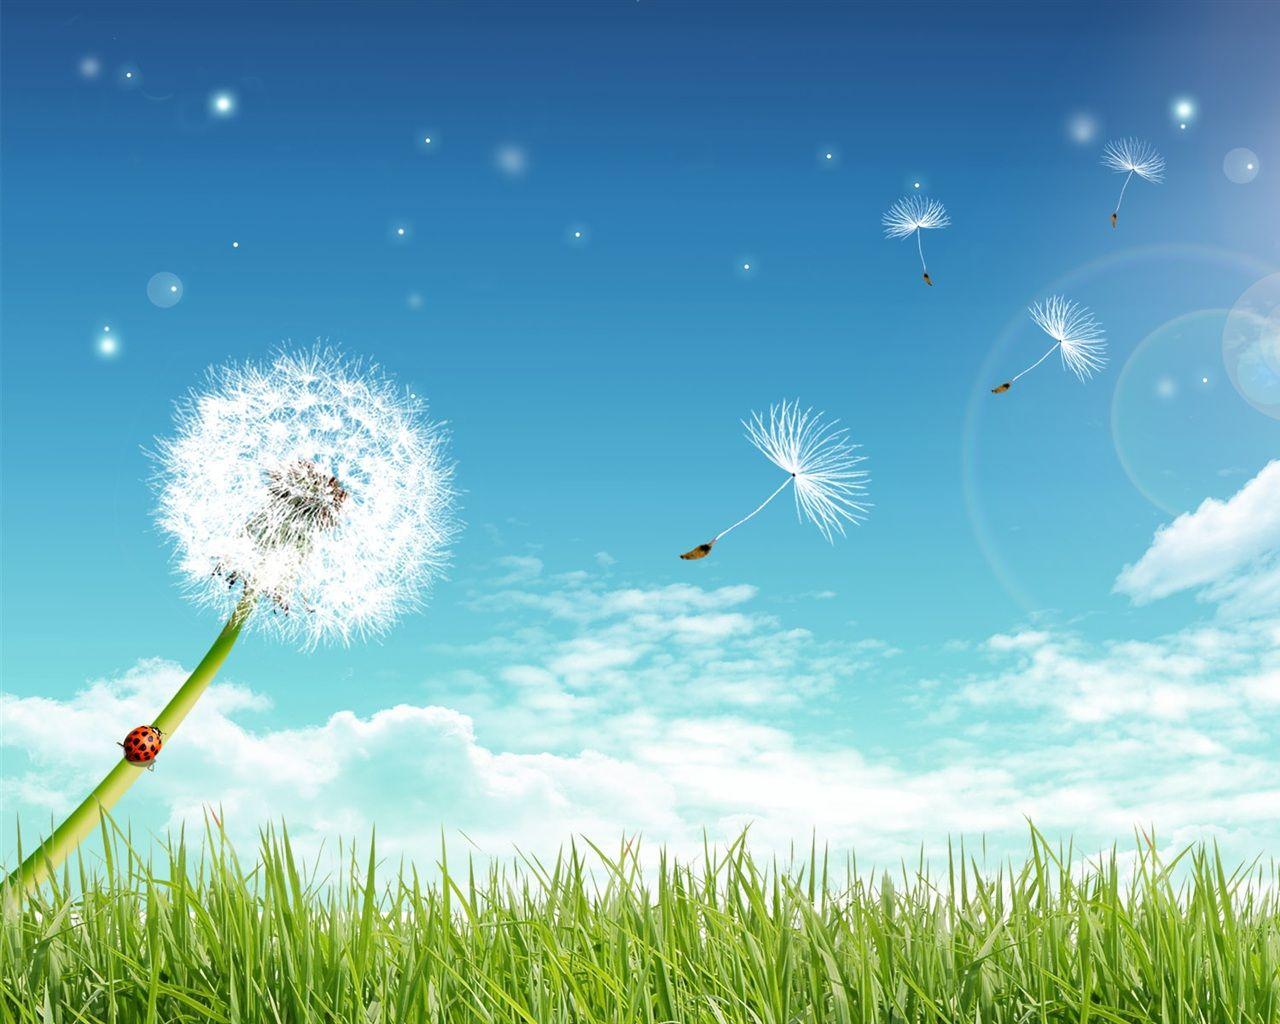 Hình ảnh đẹp hoa Bồ Công Anh lãng mạng sâu lắng - Hình Ảnh Đẹp HD   Bồ công  anh, Hình ảnh, Ảnh bầu